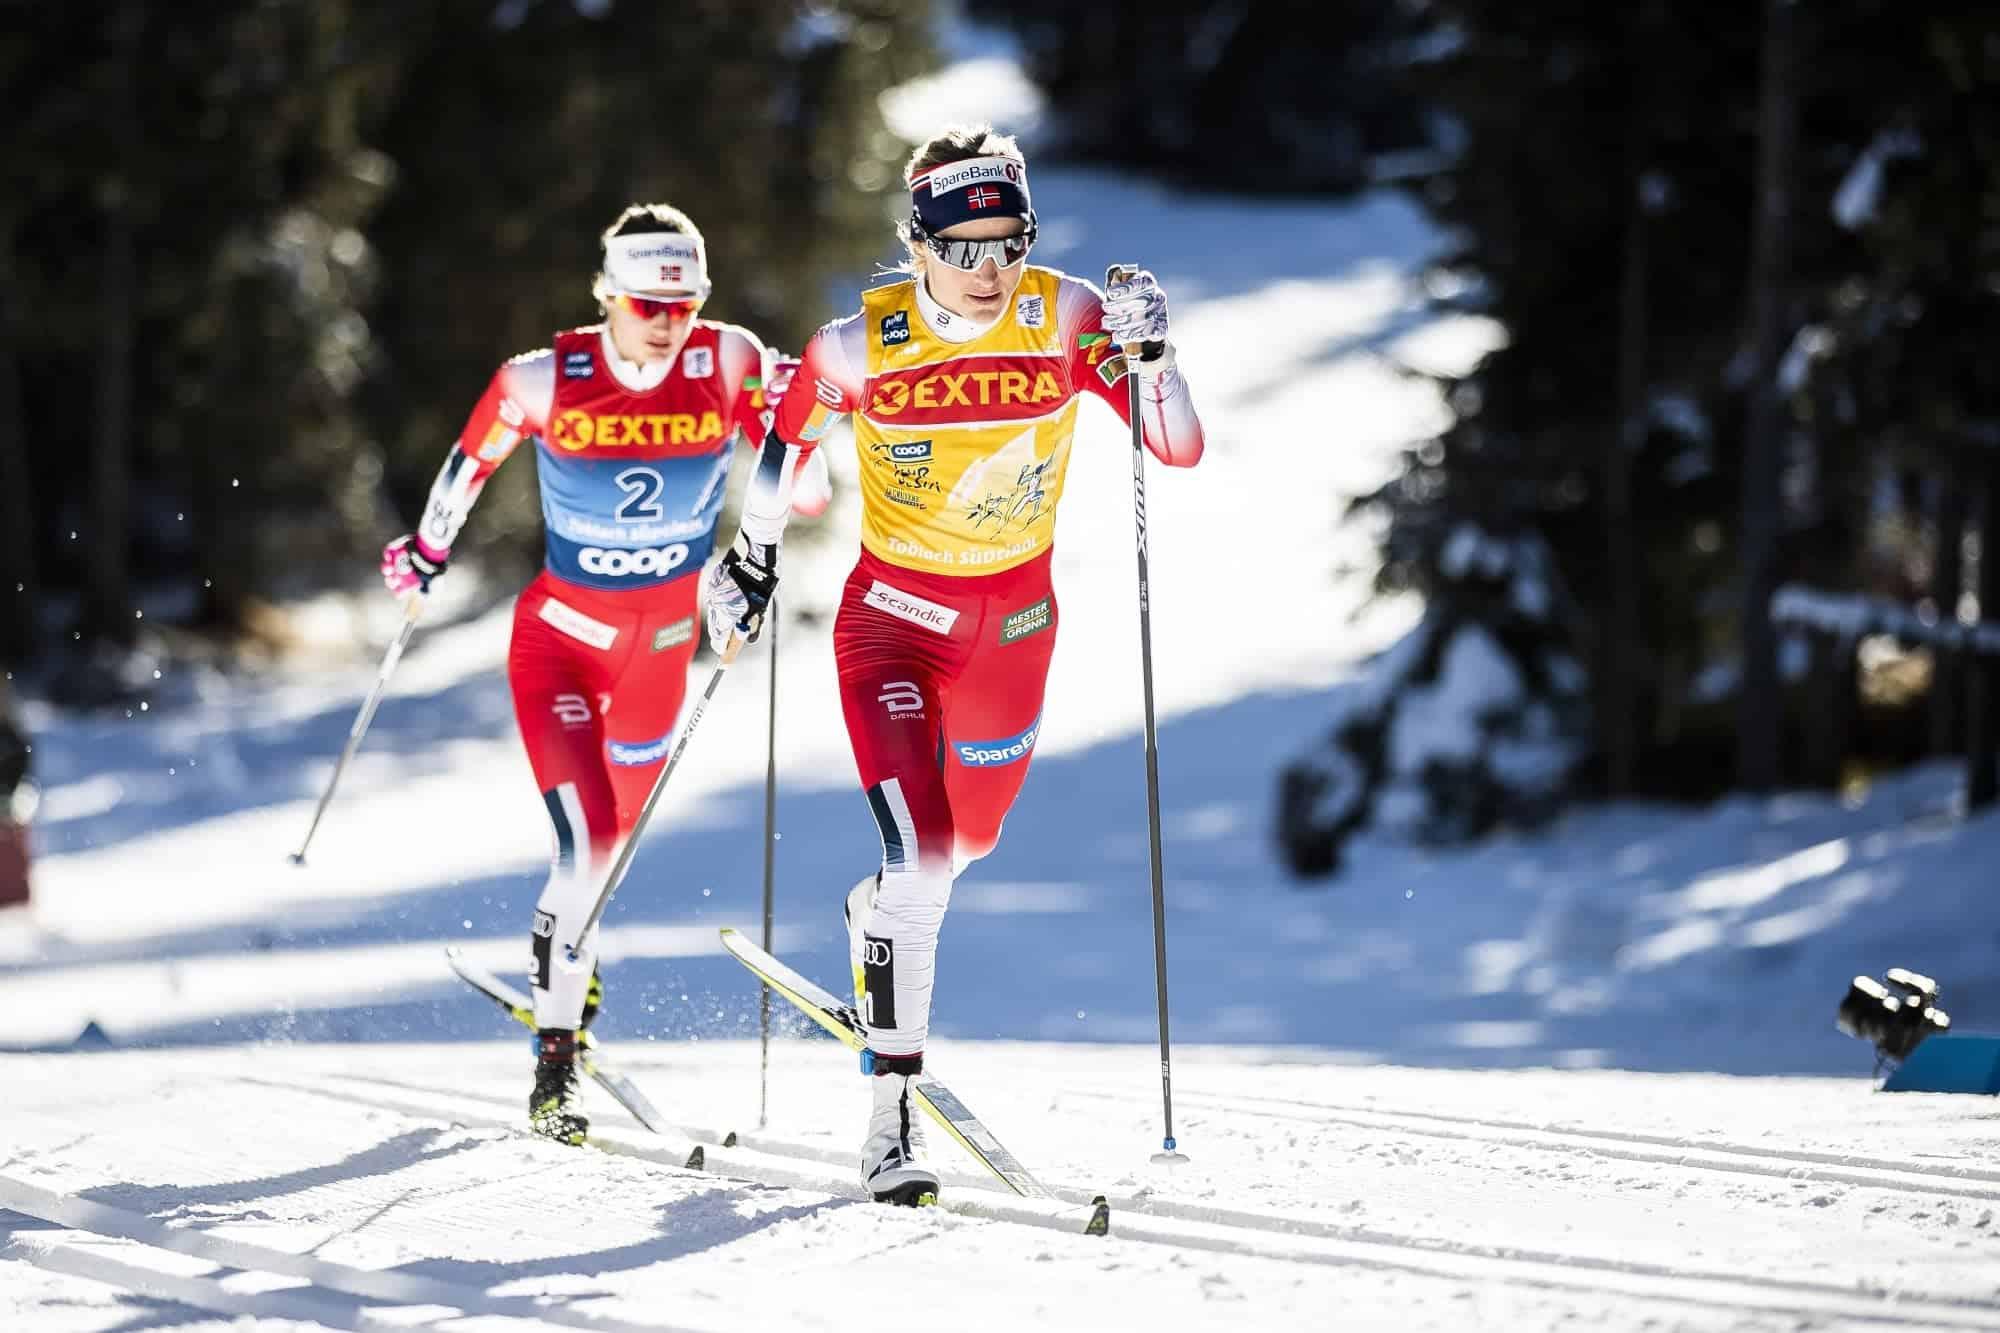 Langläufer mit Ski der Fischer Sports GmbH